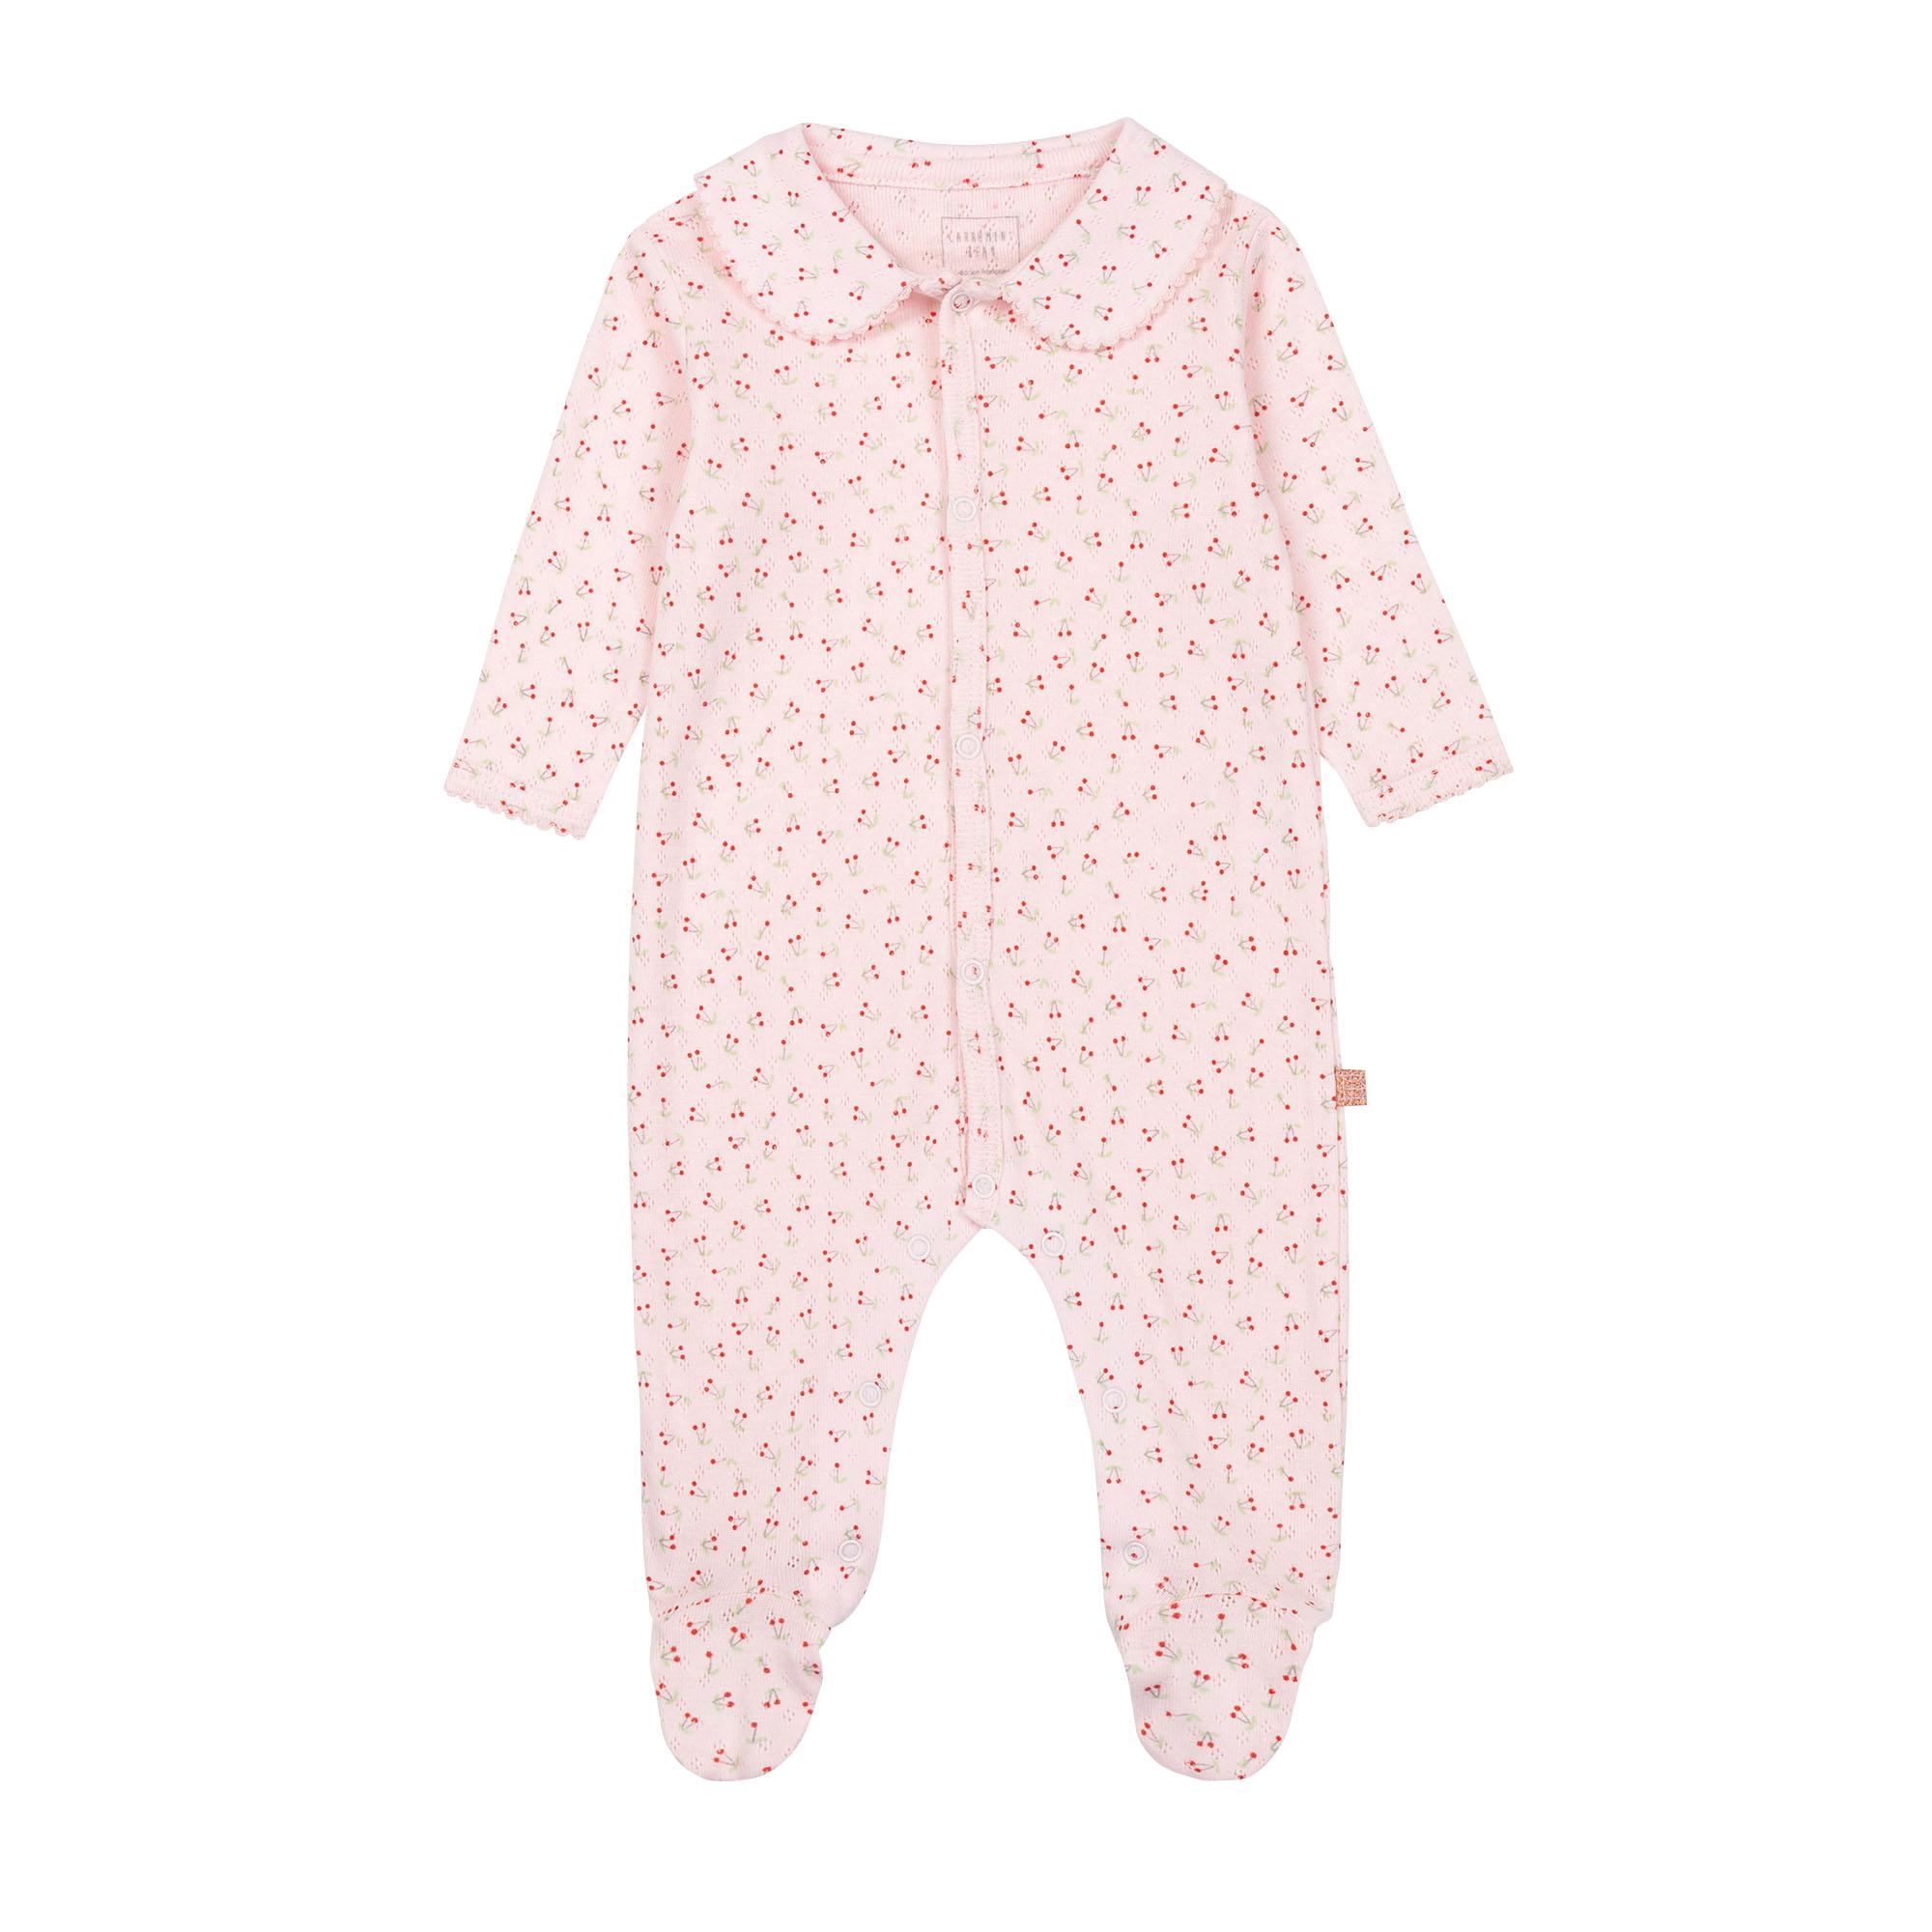 Pyjama en coton biologique avec boîte CARREMENT BEAU BEBE COUCHE FILLE Rose